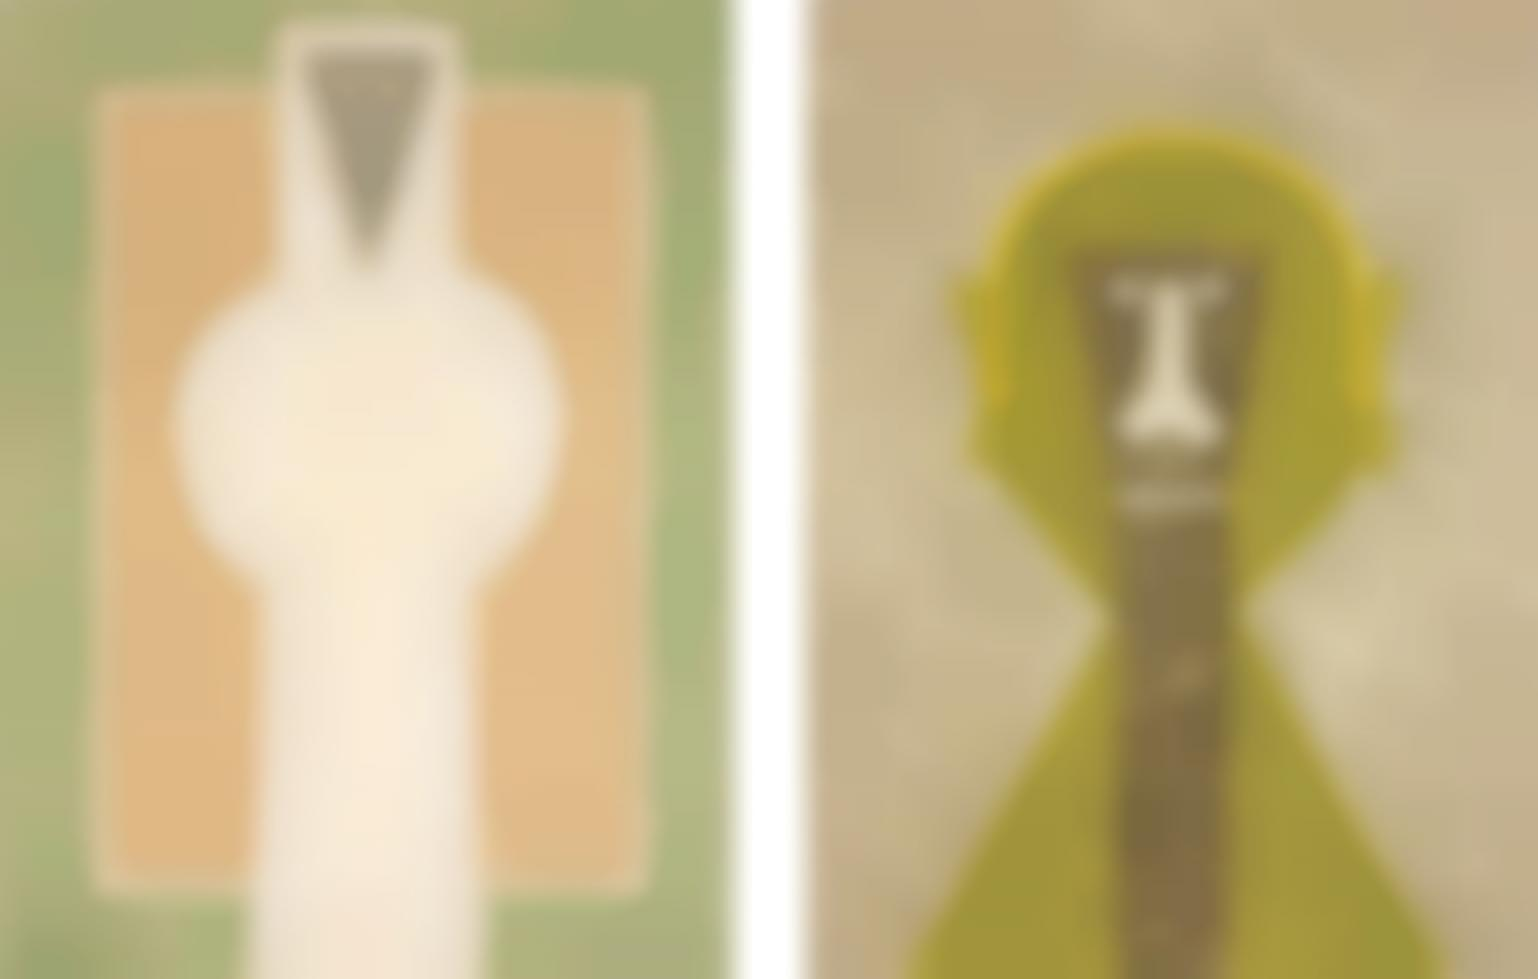 Rufino Tamayo-Personaje Blanco (White Person); and Cabeza en Amarillo (Head in Yellow)-1976